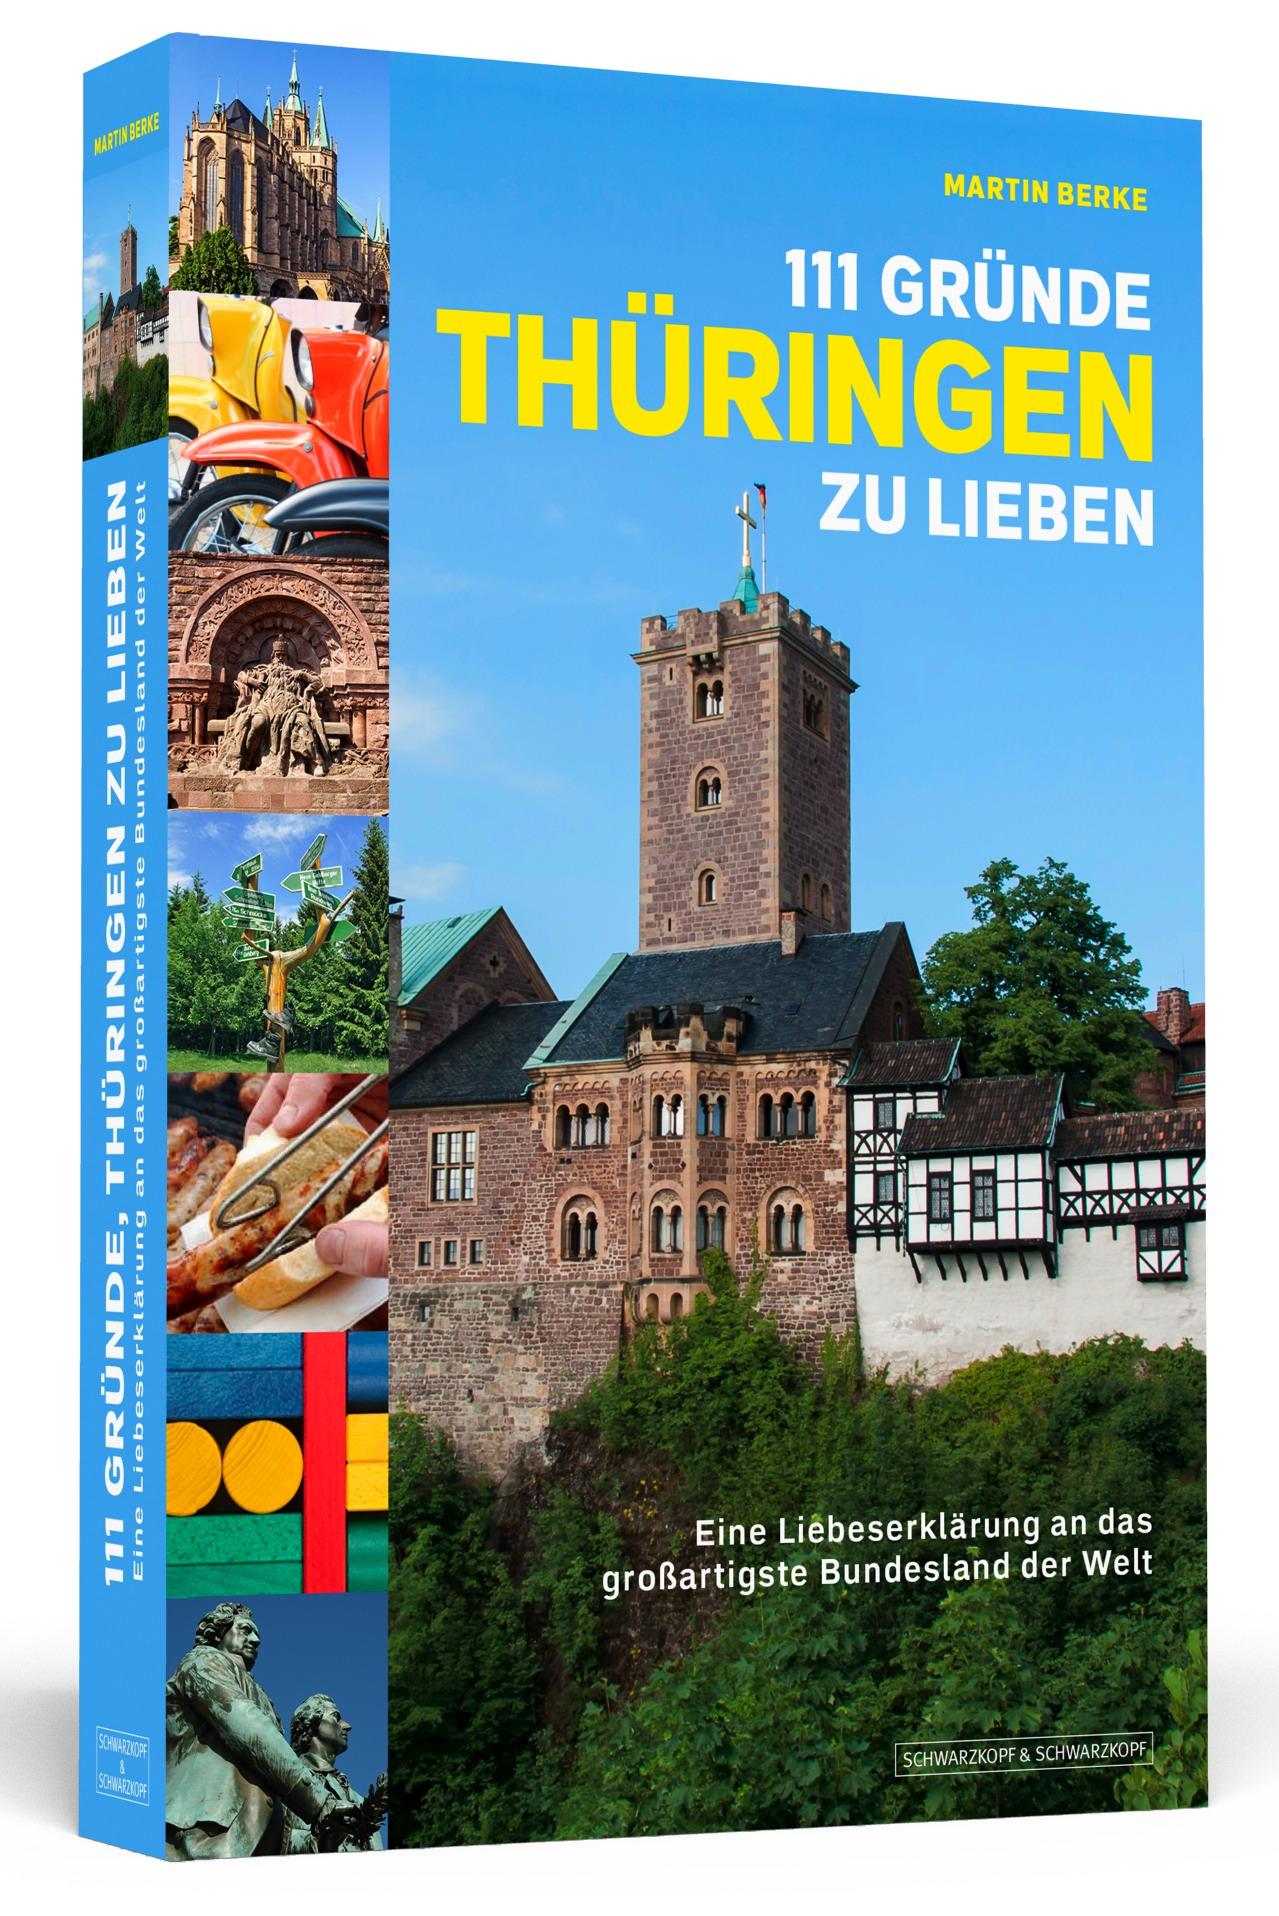 111 Gründe, Thüringen zu lieben - Eine Liebeser...